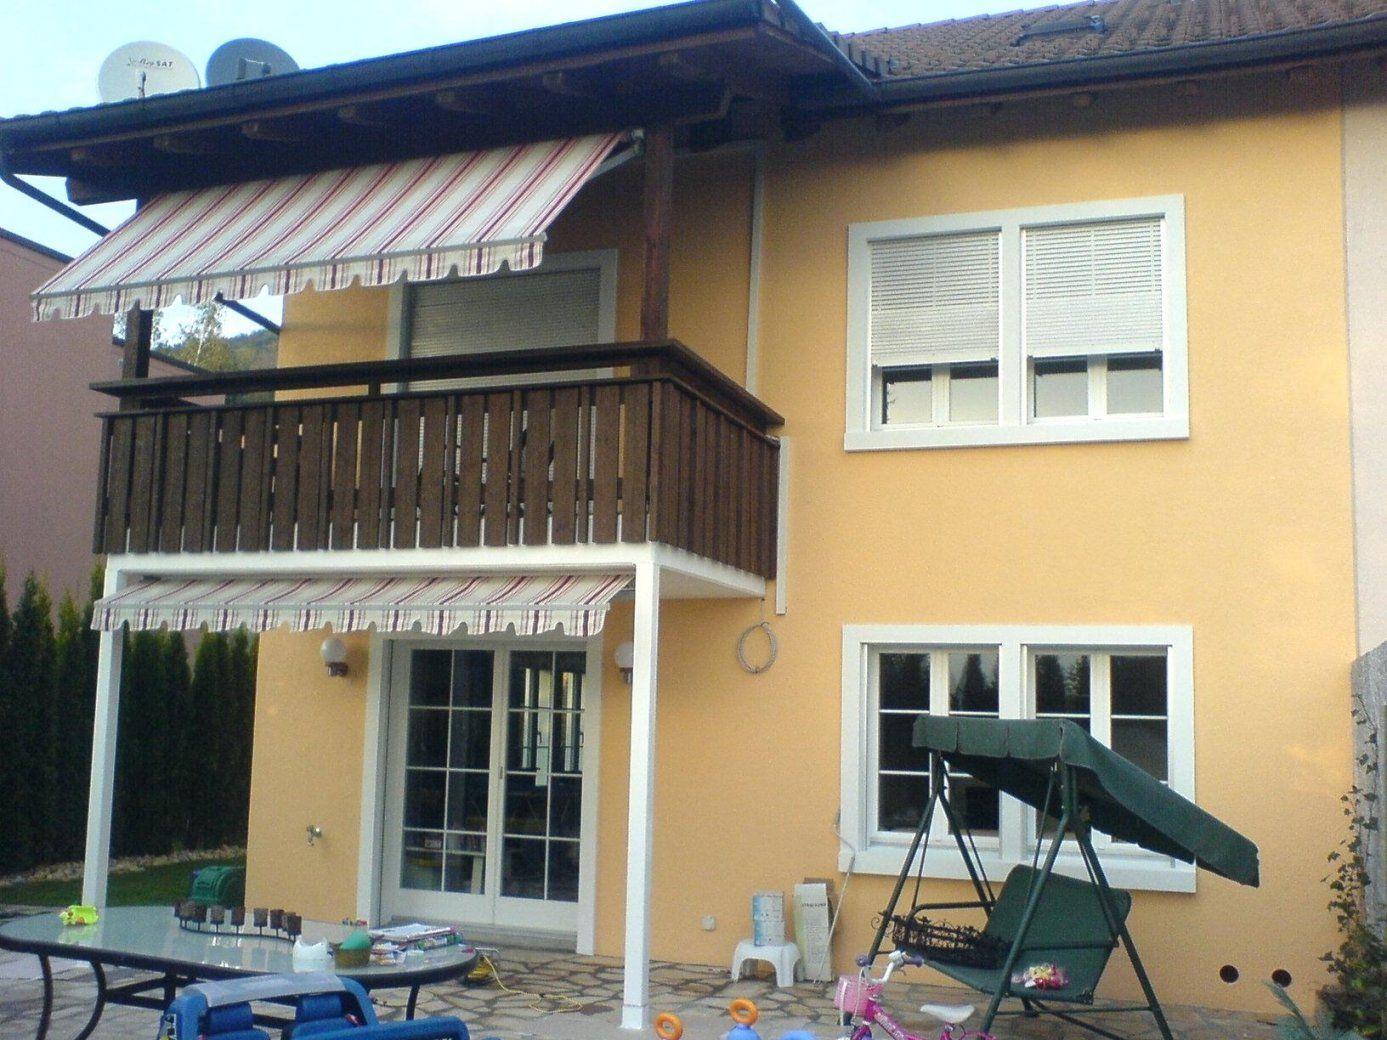 Haus Rohbau Kosten Pro M2